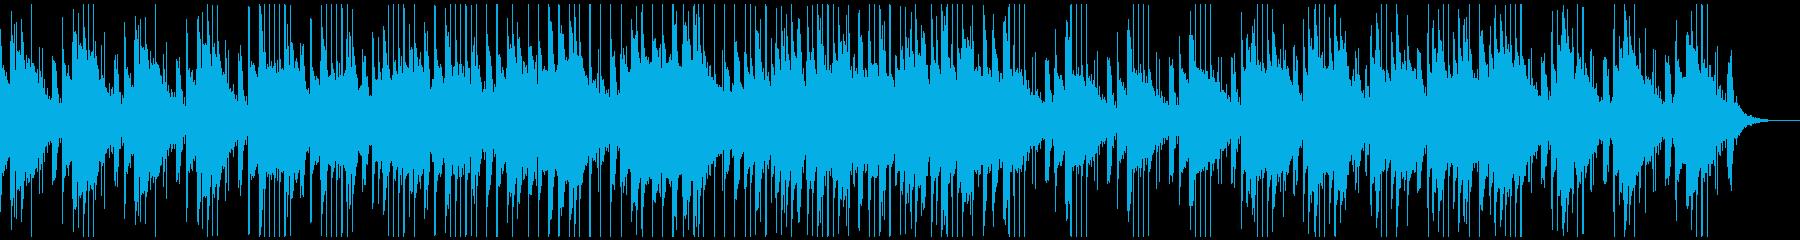 琴の奏でる神秘的な和風曲の再生済みの波形